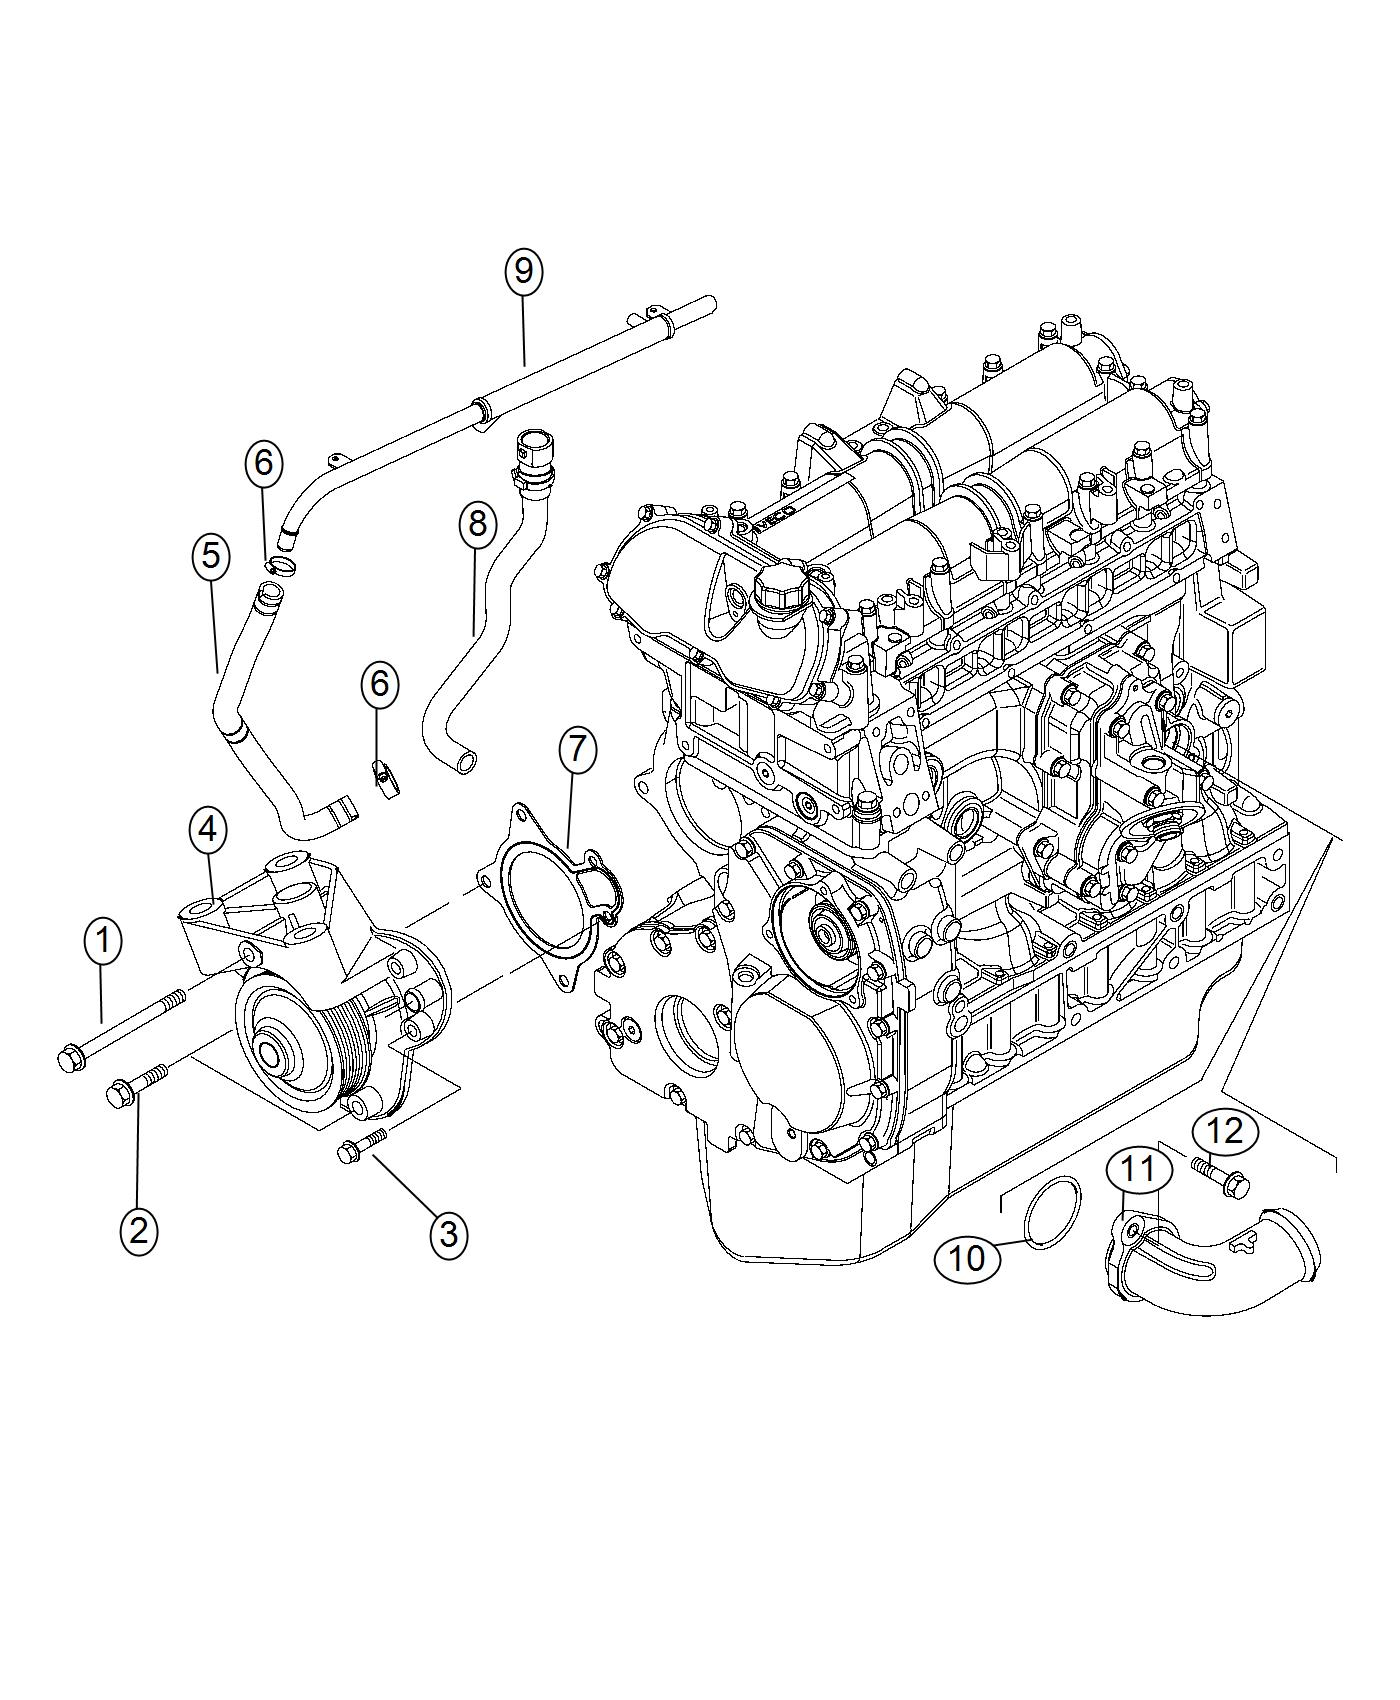 2016 Dodge Ram 2500 Connector. [02], [st]. Engine, diesel